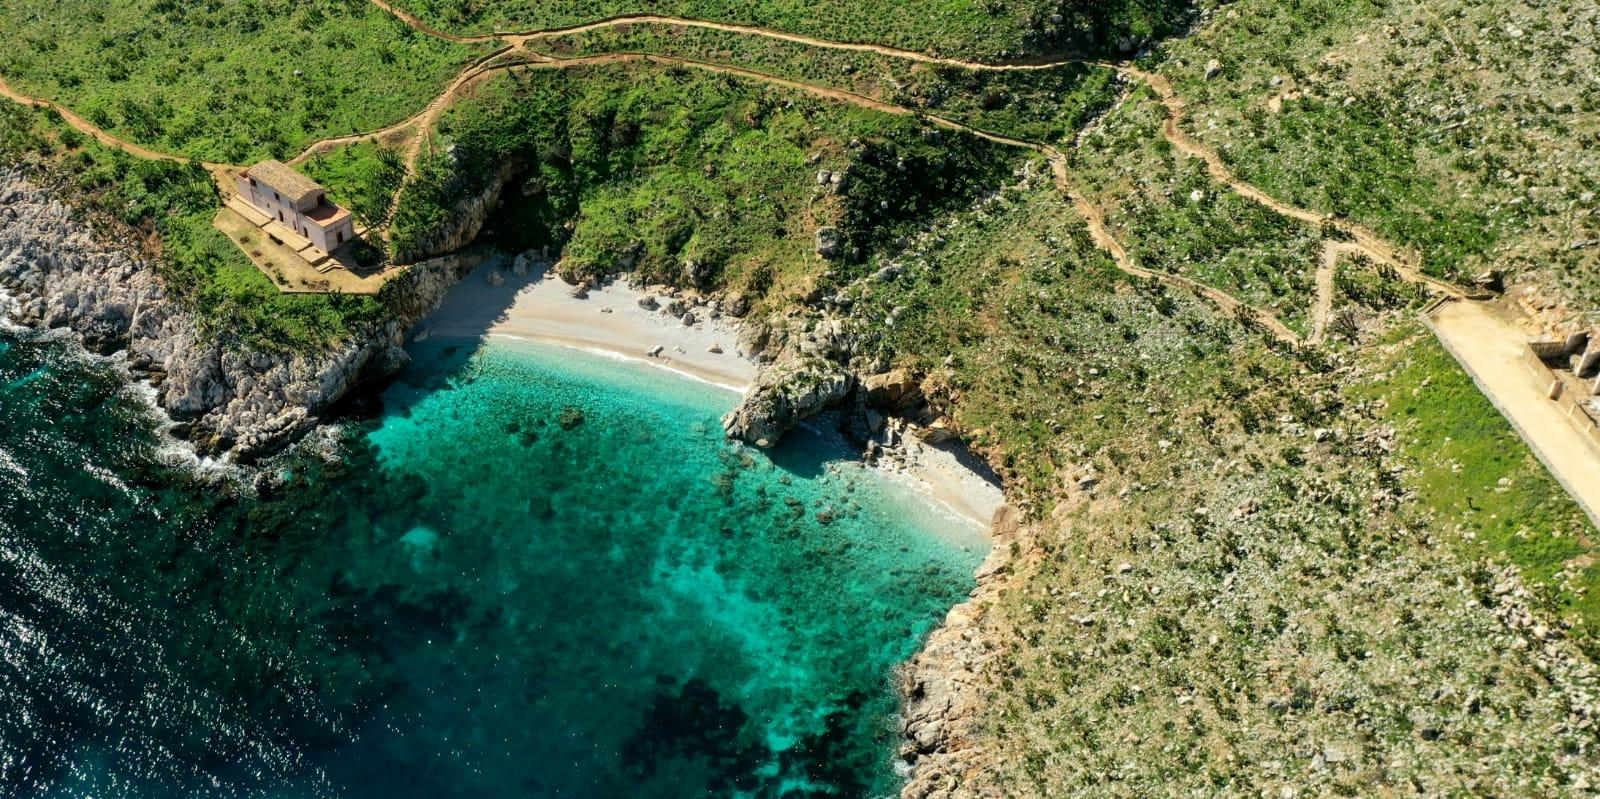 Linea Verde Life celebra i luoghi del Trapanese, tra natura preziosa e piatti iconici